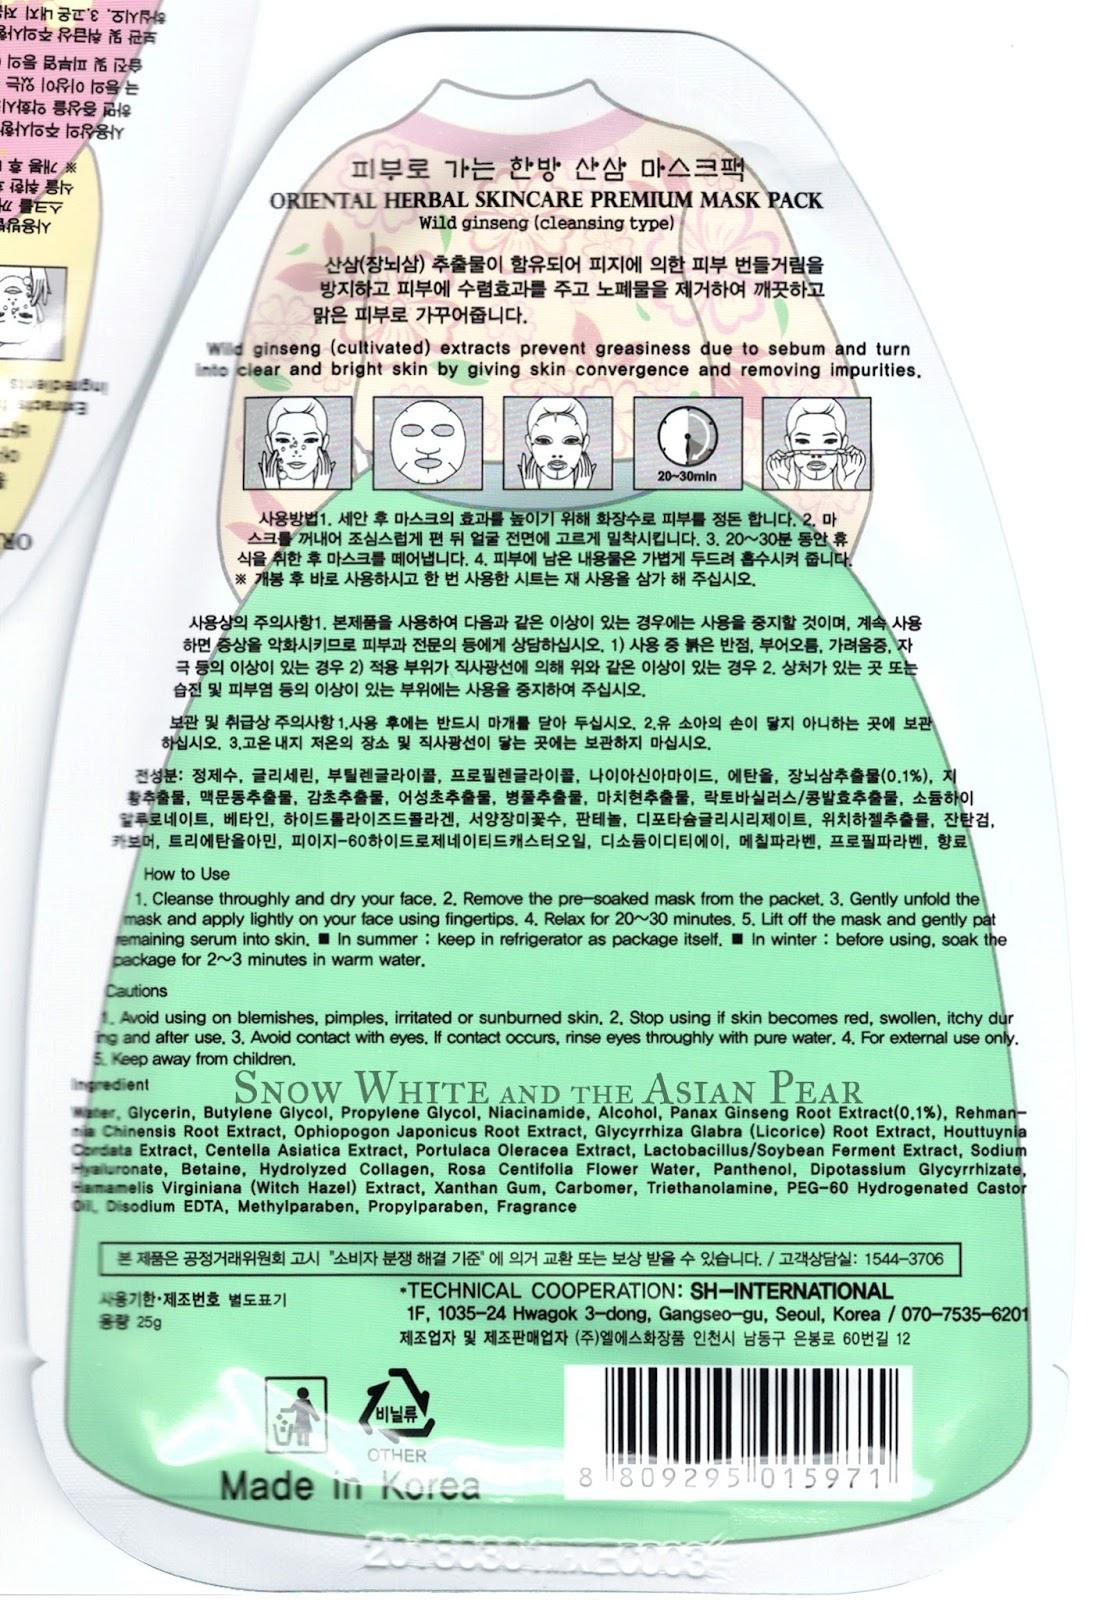 LS Cosmetic Oriental Herbal Skincare Premium Mask Pack